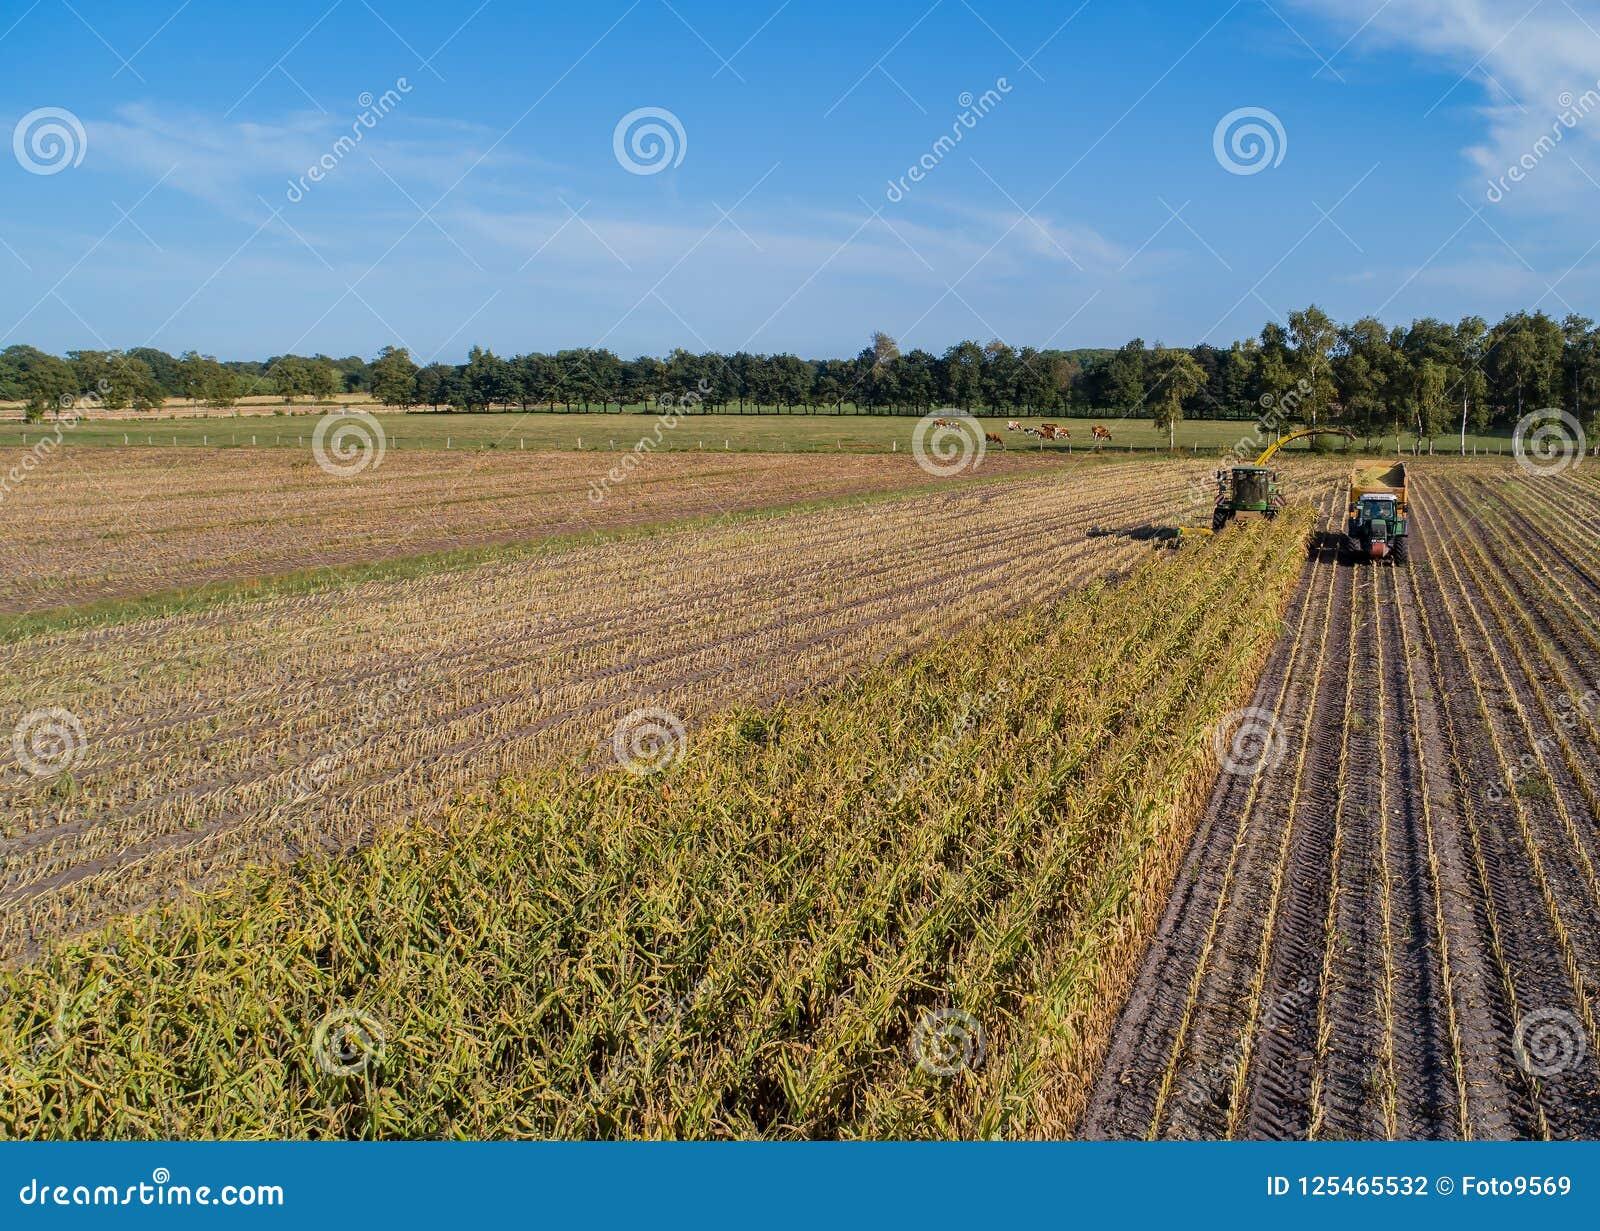 Hamburgo, Alemanha - 4 de setembro de 2018: Colheita de milho, ceifeira de forragem na ação, caminhão do milho da colheita com o